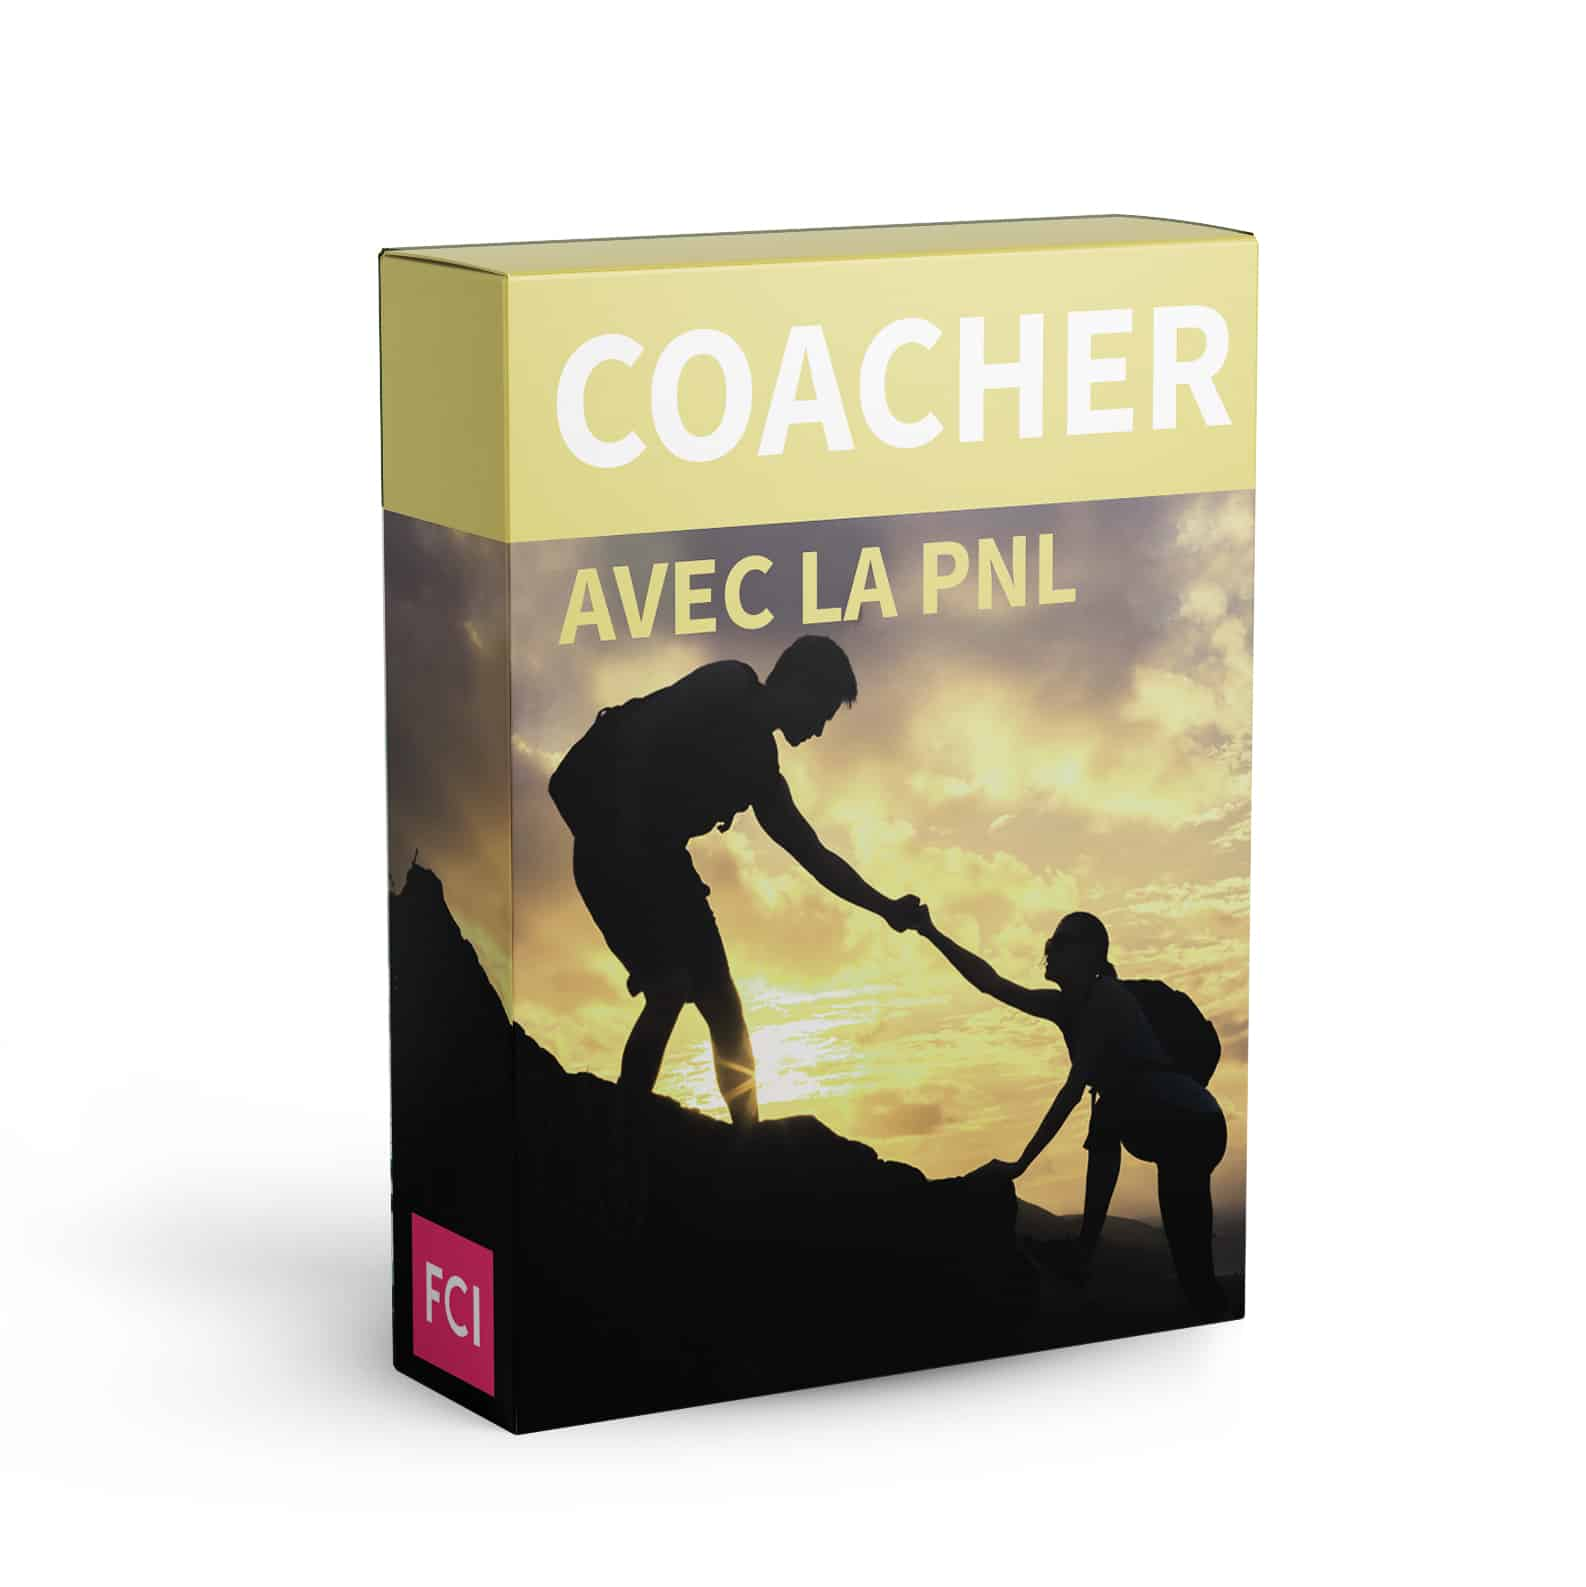 Coacher avec la PNL en lingne